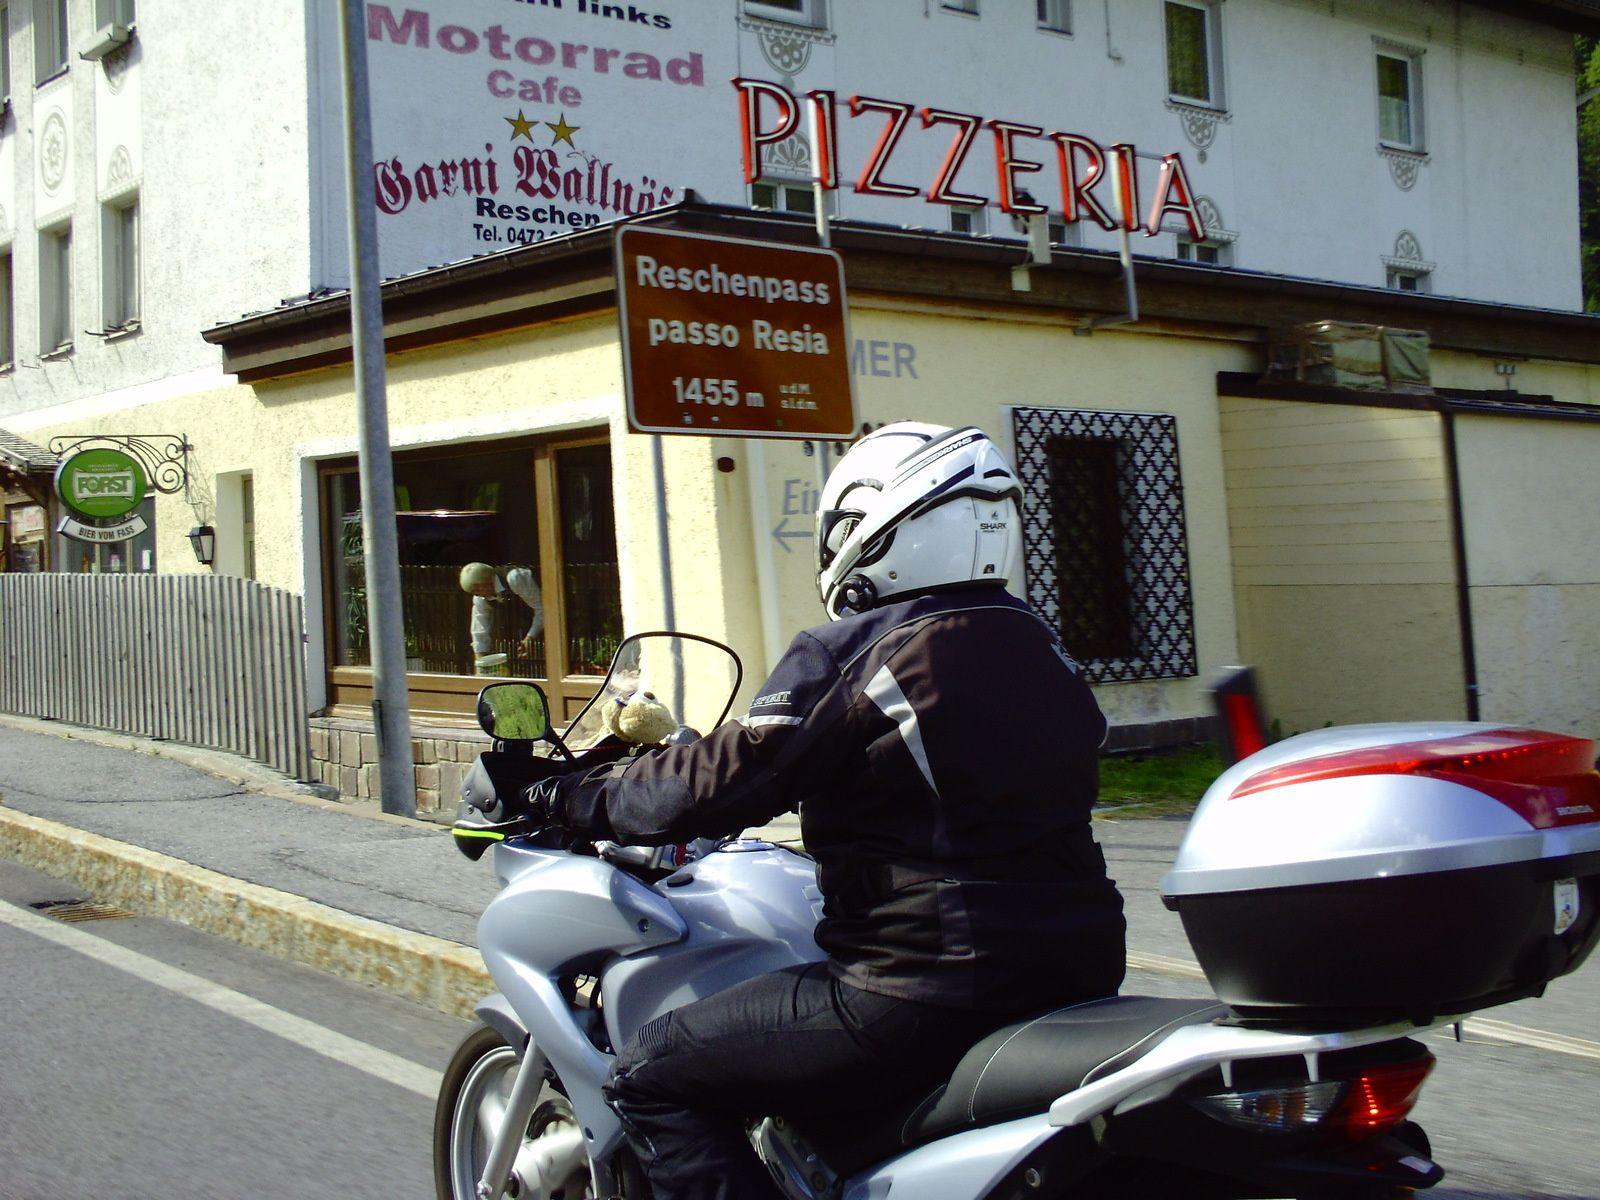 LA FRONTIÈRE ET UNE PIZZA.............. ON EST BIEN EN ITALIE